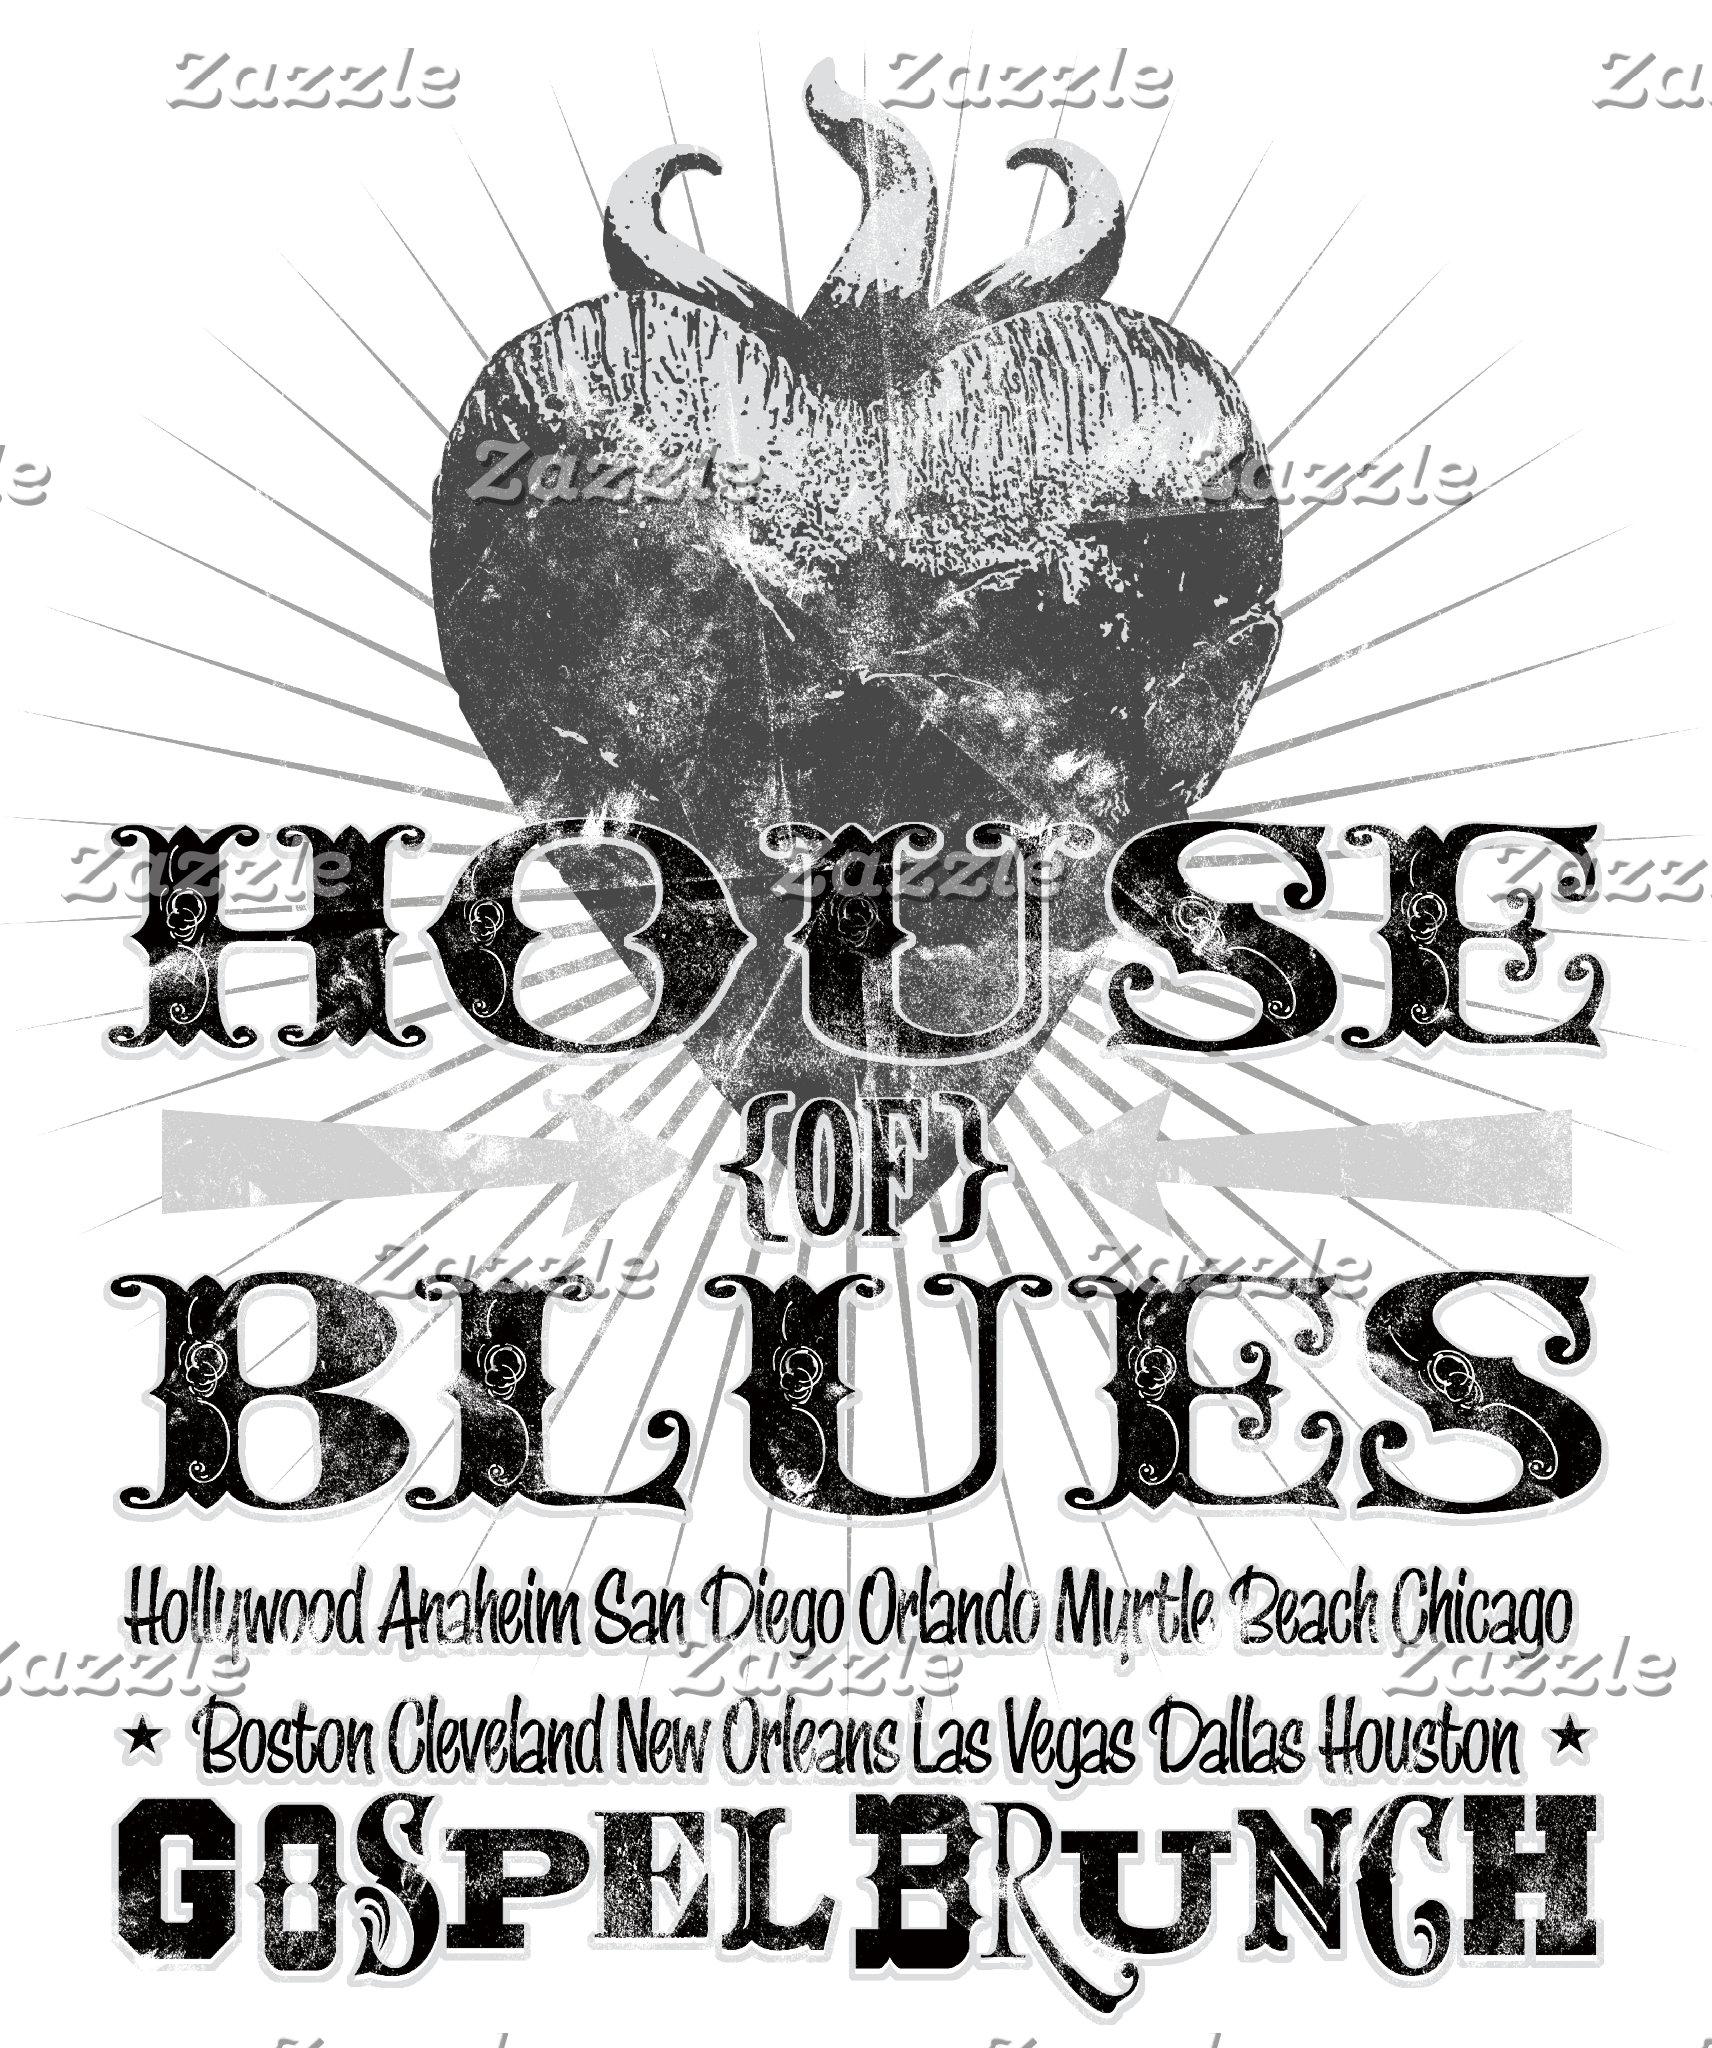 House of Blues - Gospel Brunch